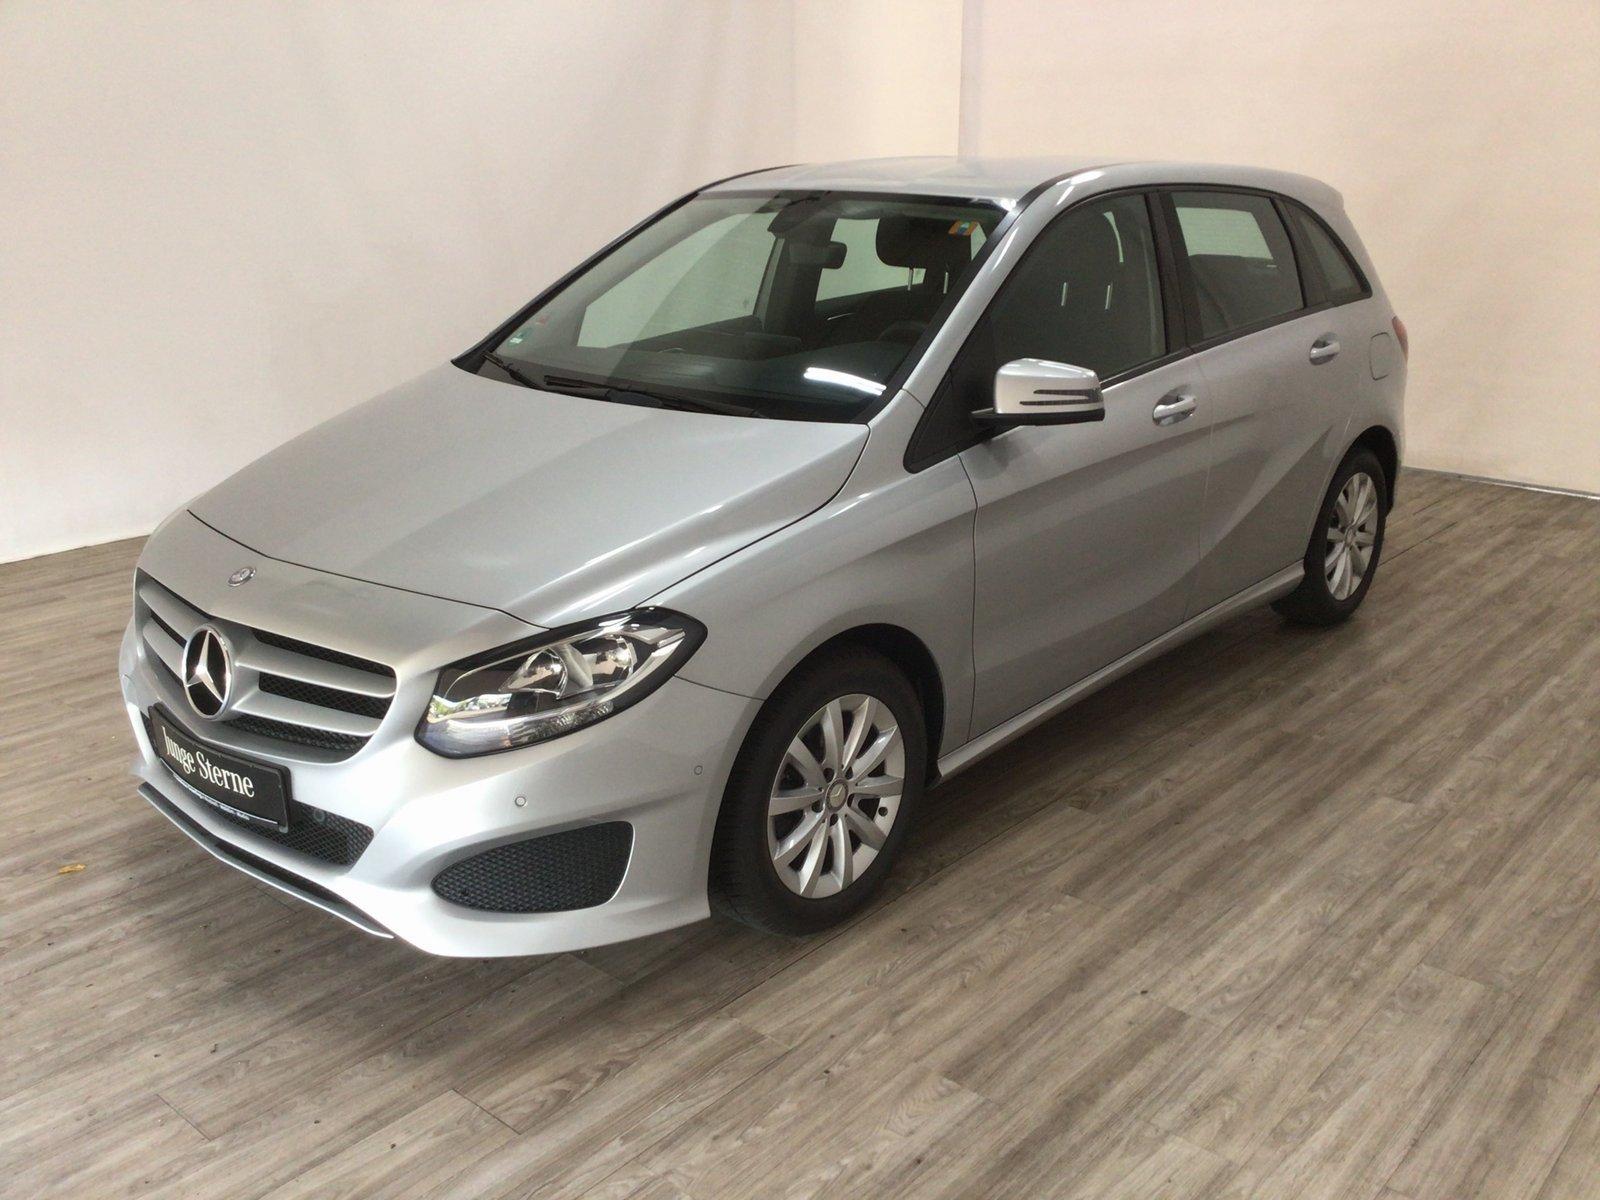 Mercedes-Benz B 200 d *Navi*Park-Assistent*Klima*Sitzheizung*, Jahr 2016, Diesel